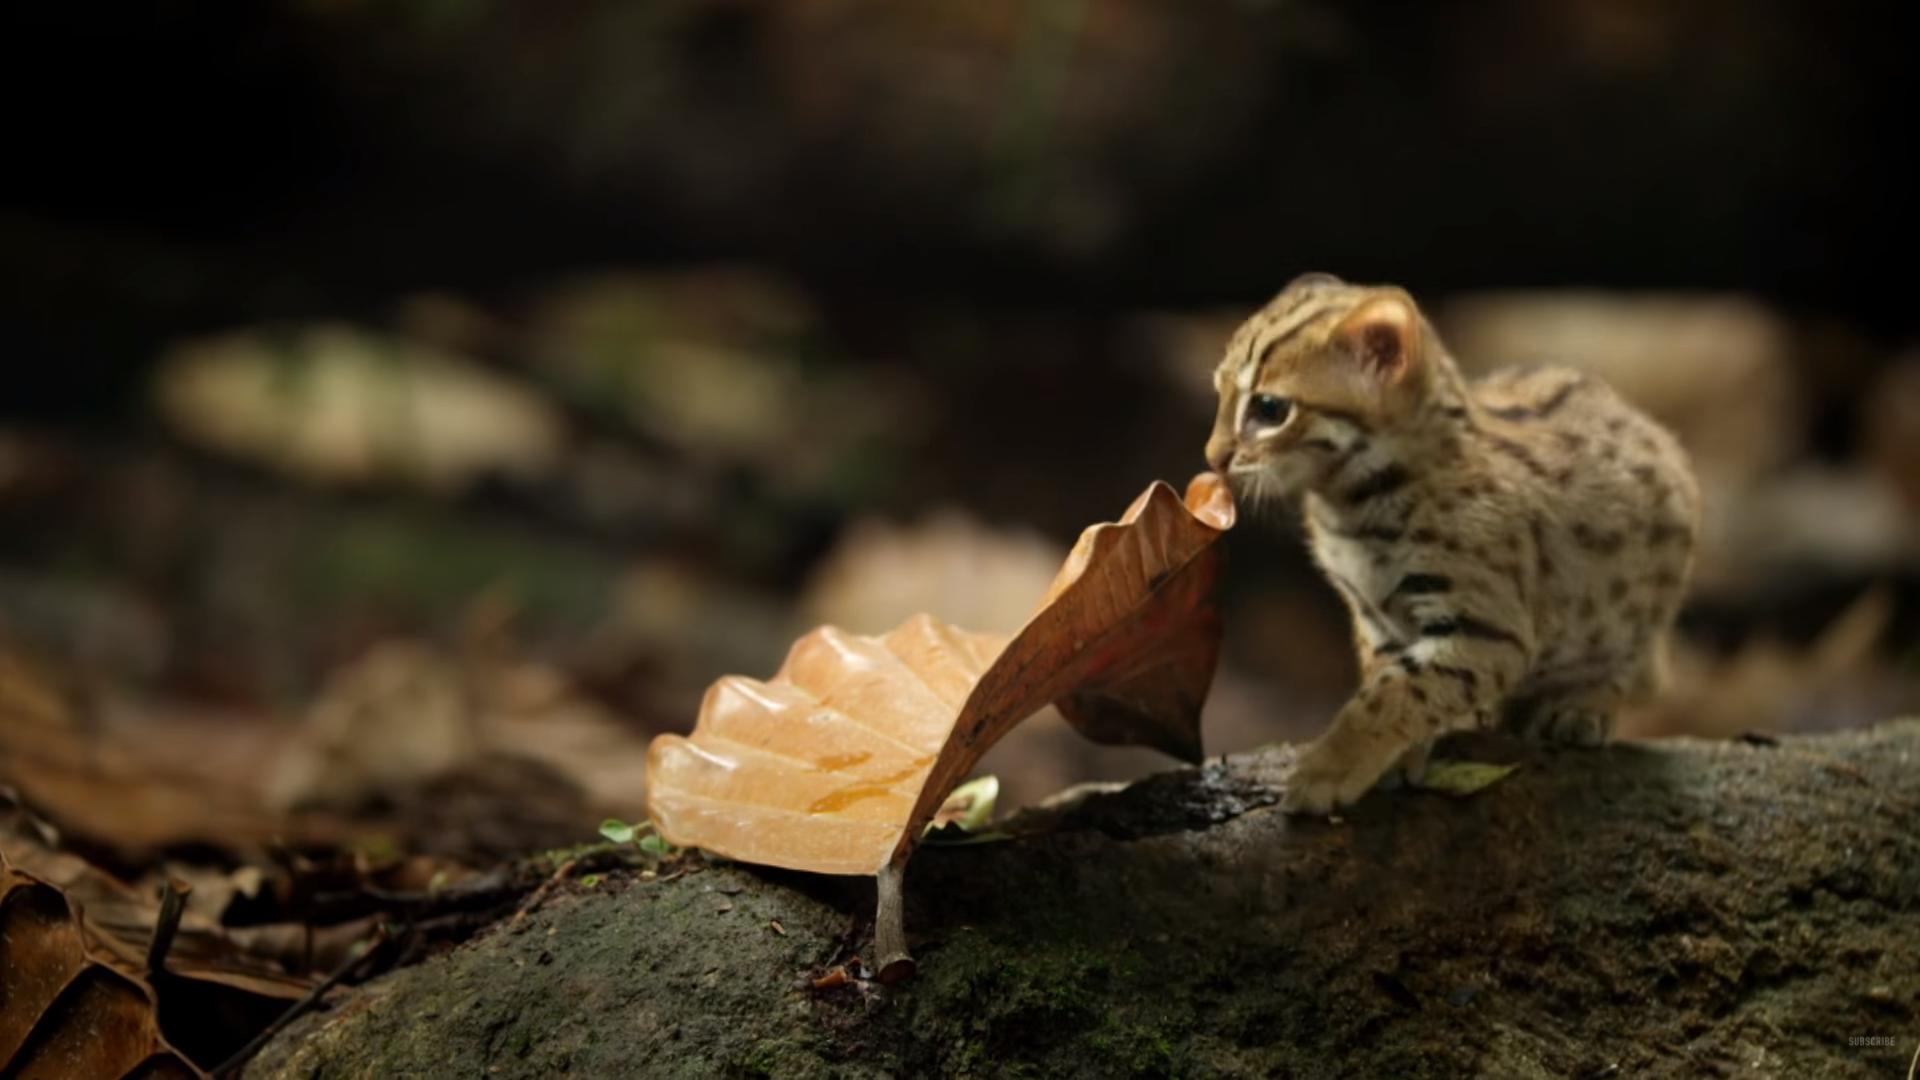 """A világ legkisebb nagymacskája egy nagyon pici cica, amelyik azt mondja, hogy: """"Mik"""""""